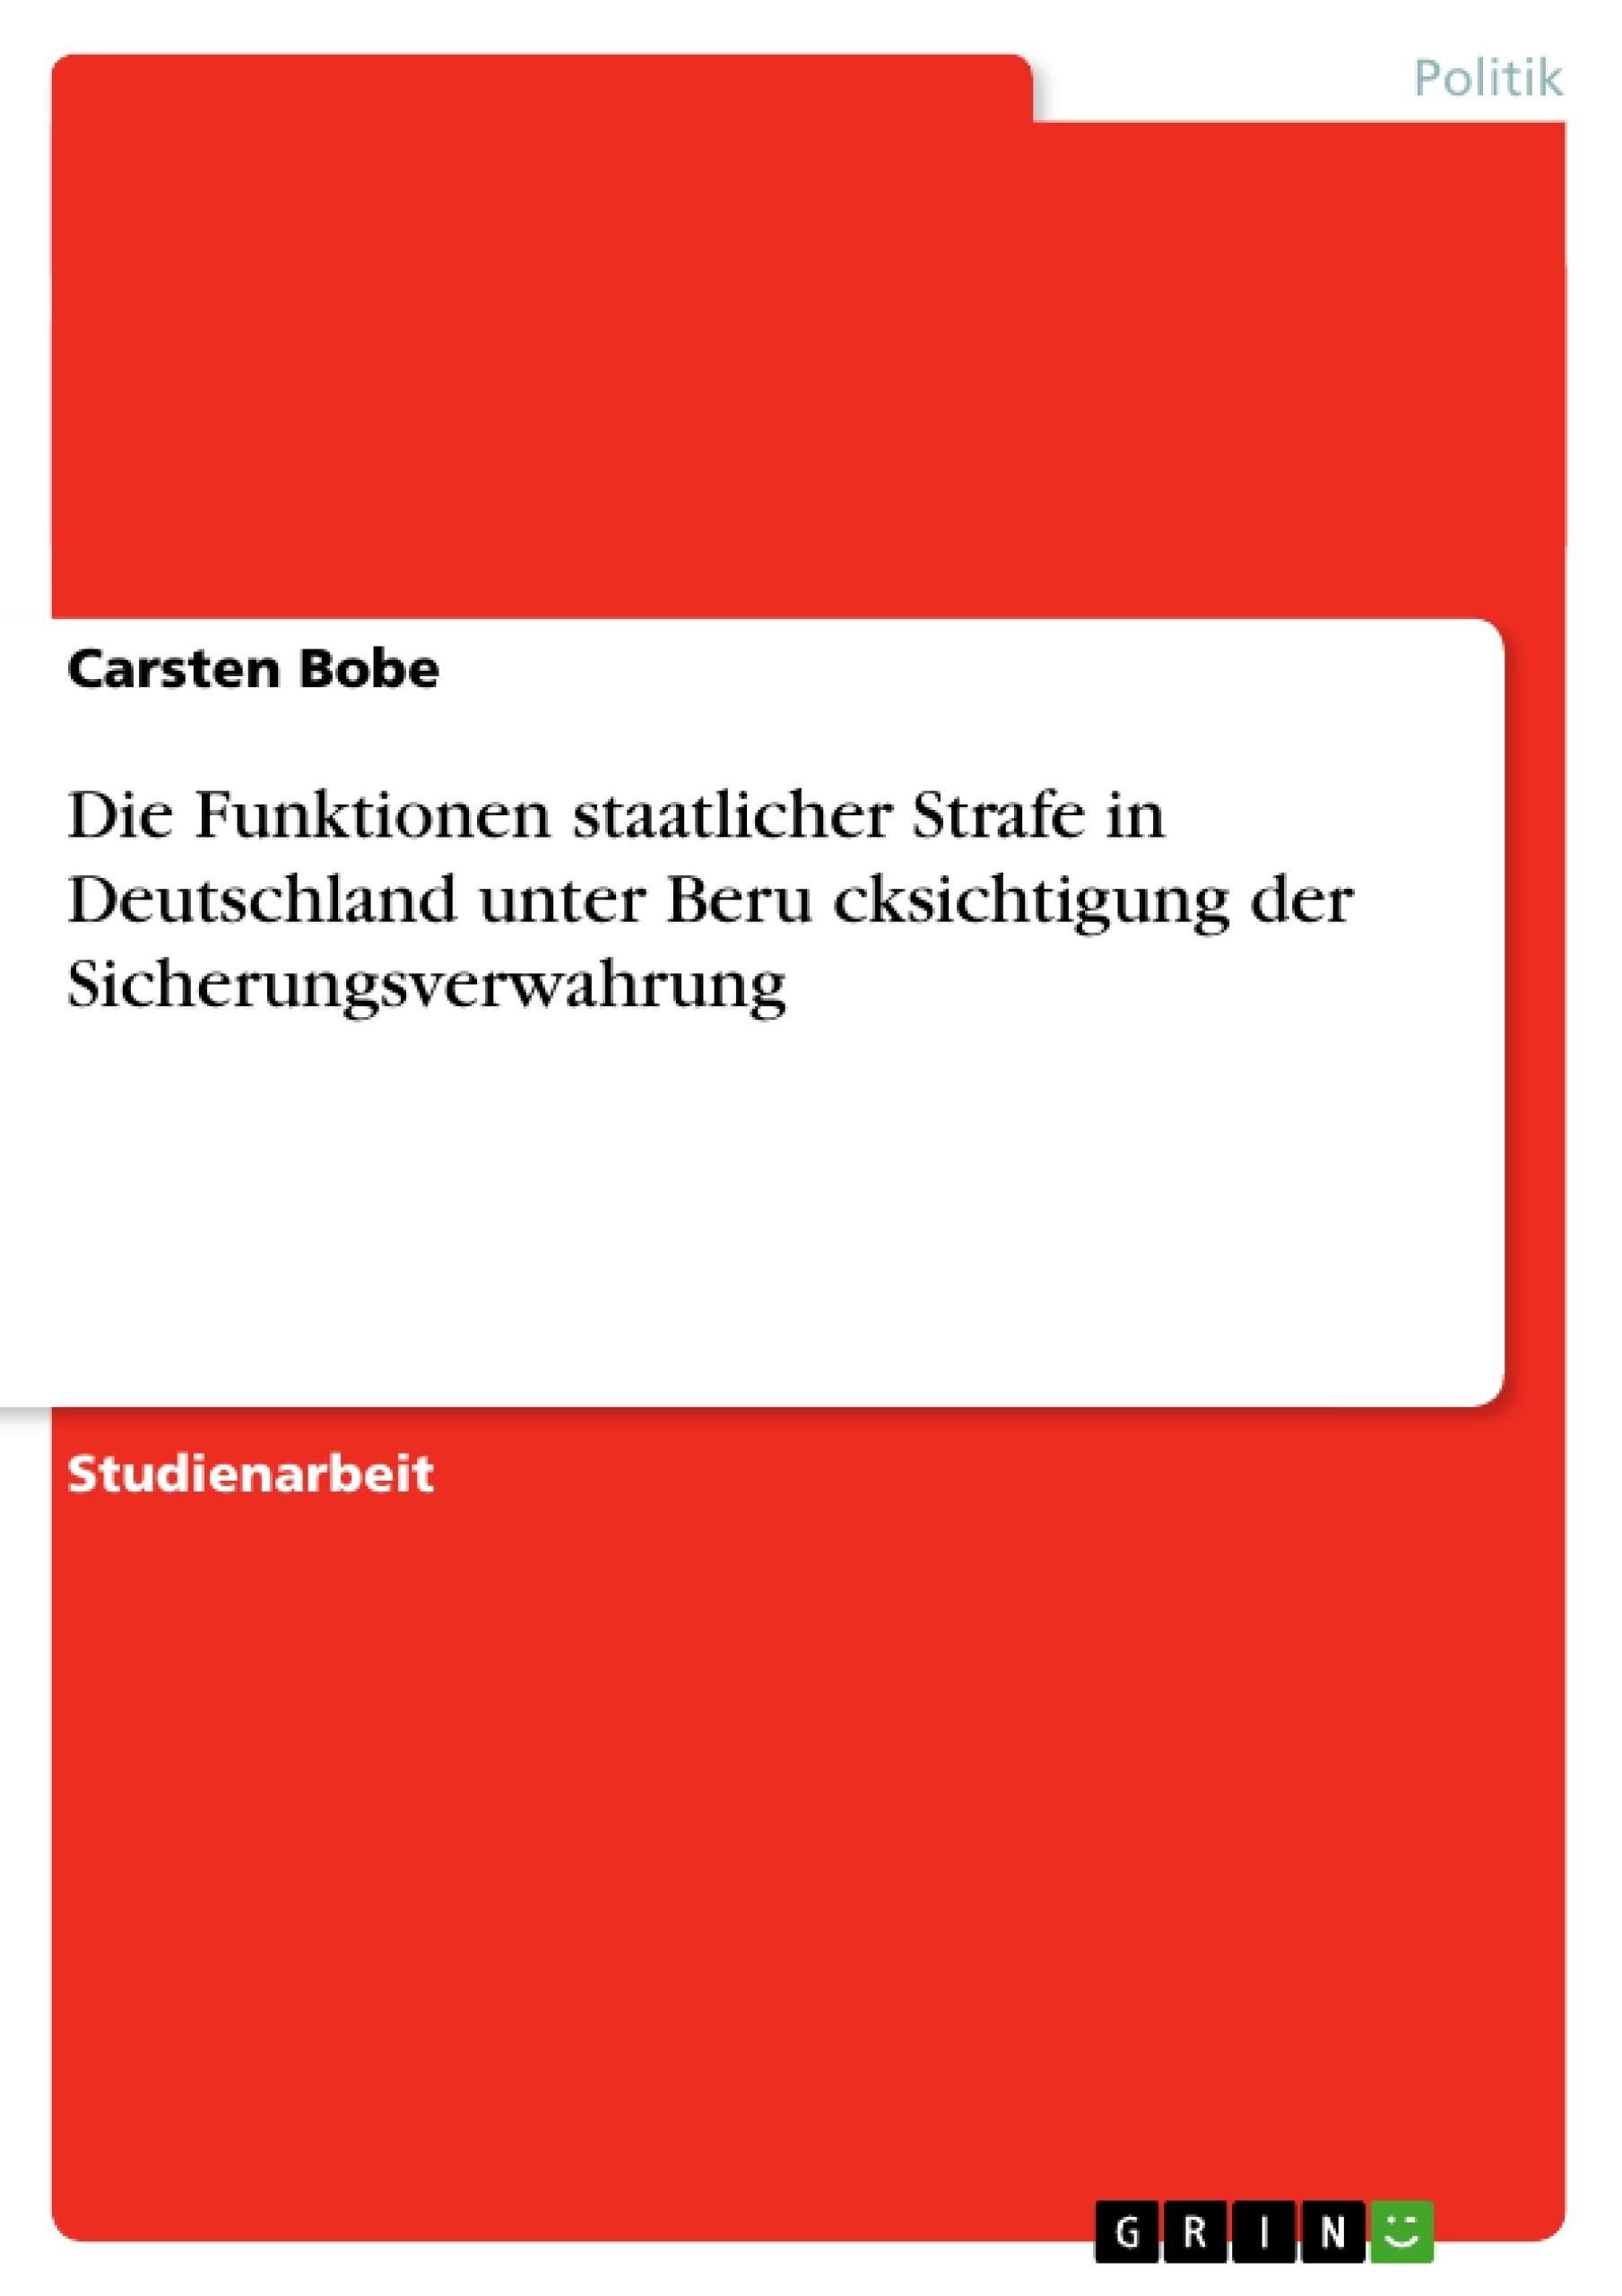 Titel: Die Funktionen staatlicher Strafe in Deutschland unter Berücksichtigung der Sicherungsverwahrung